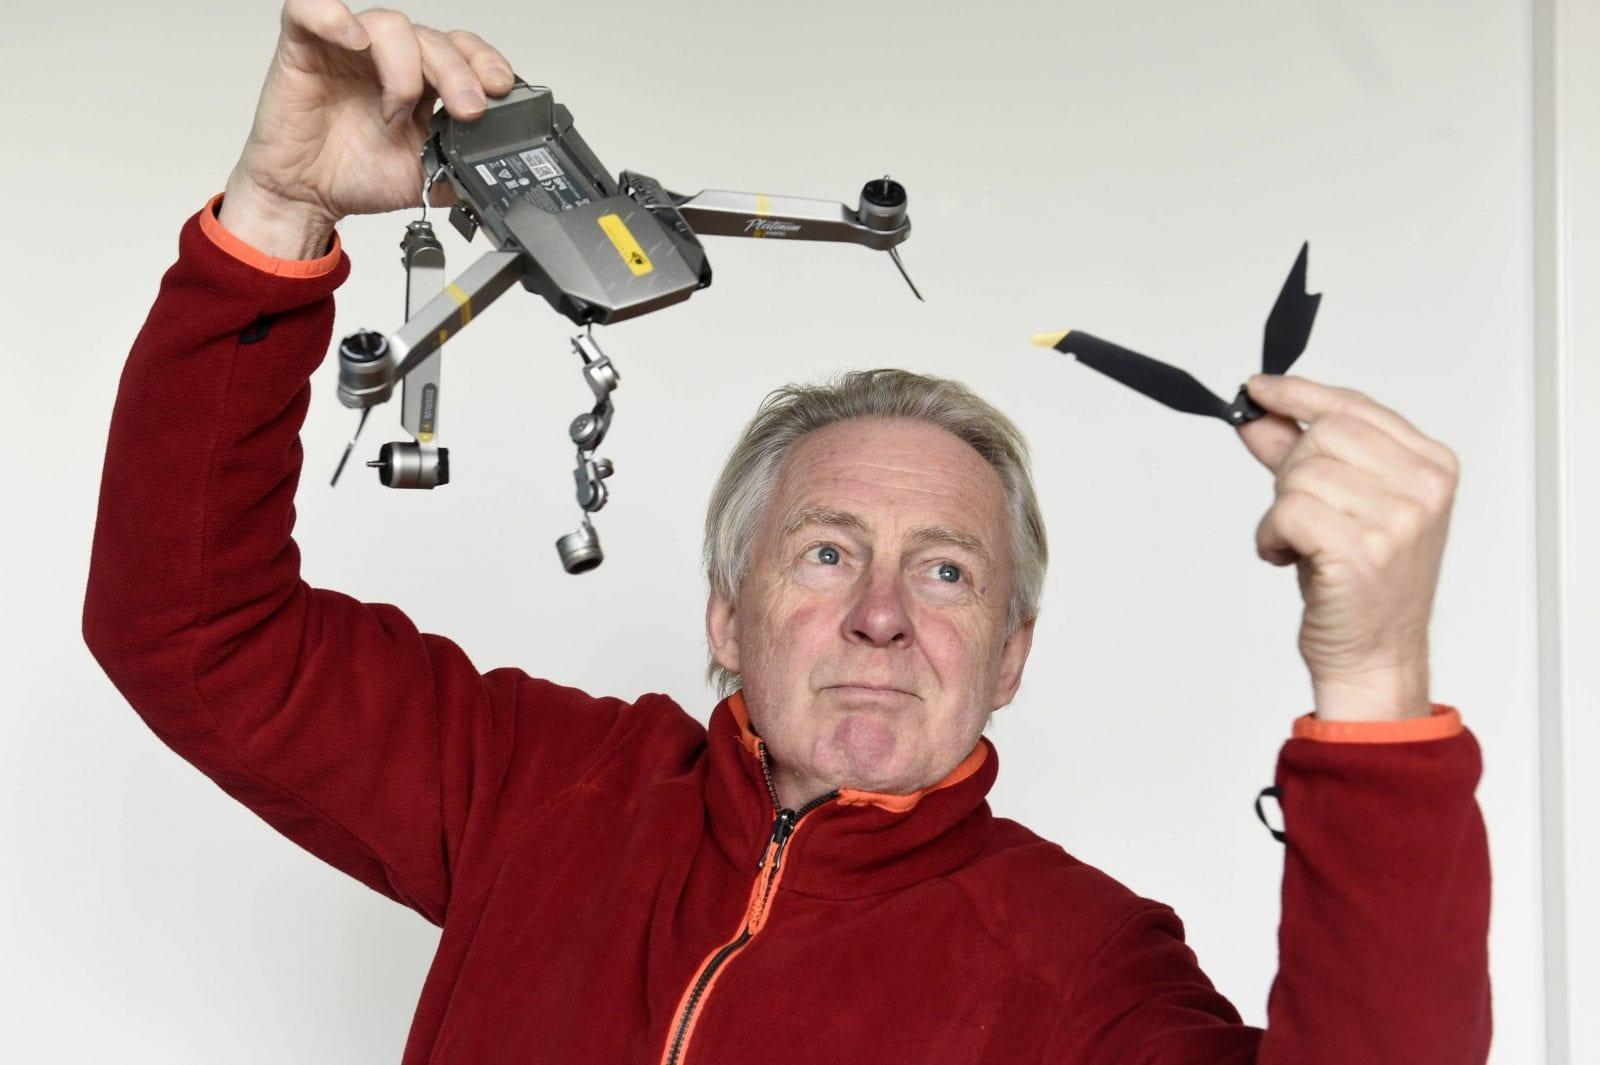 Uutiskuvaaja Martti Kainulainen esittelee rikkoutunutta kuvauskopteria.